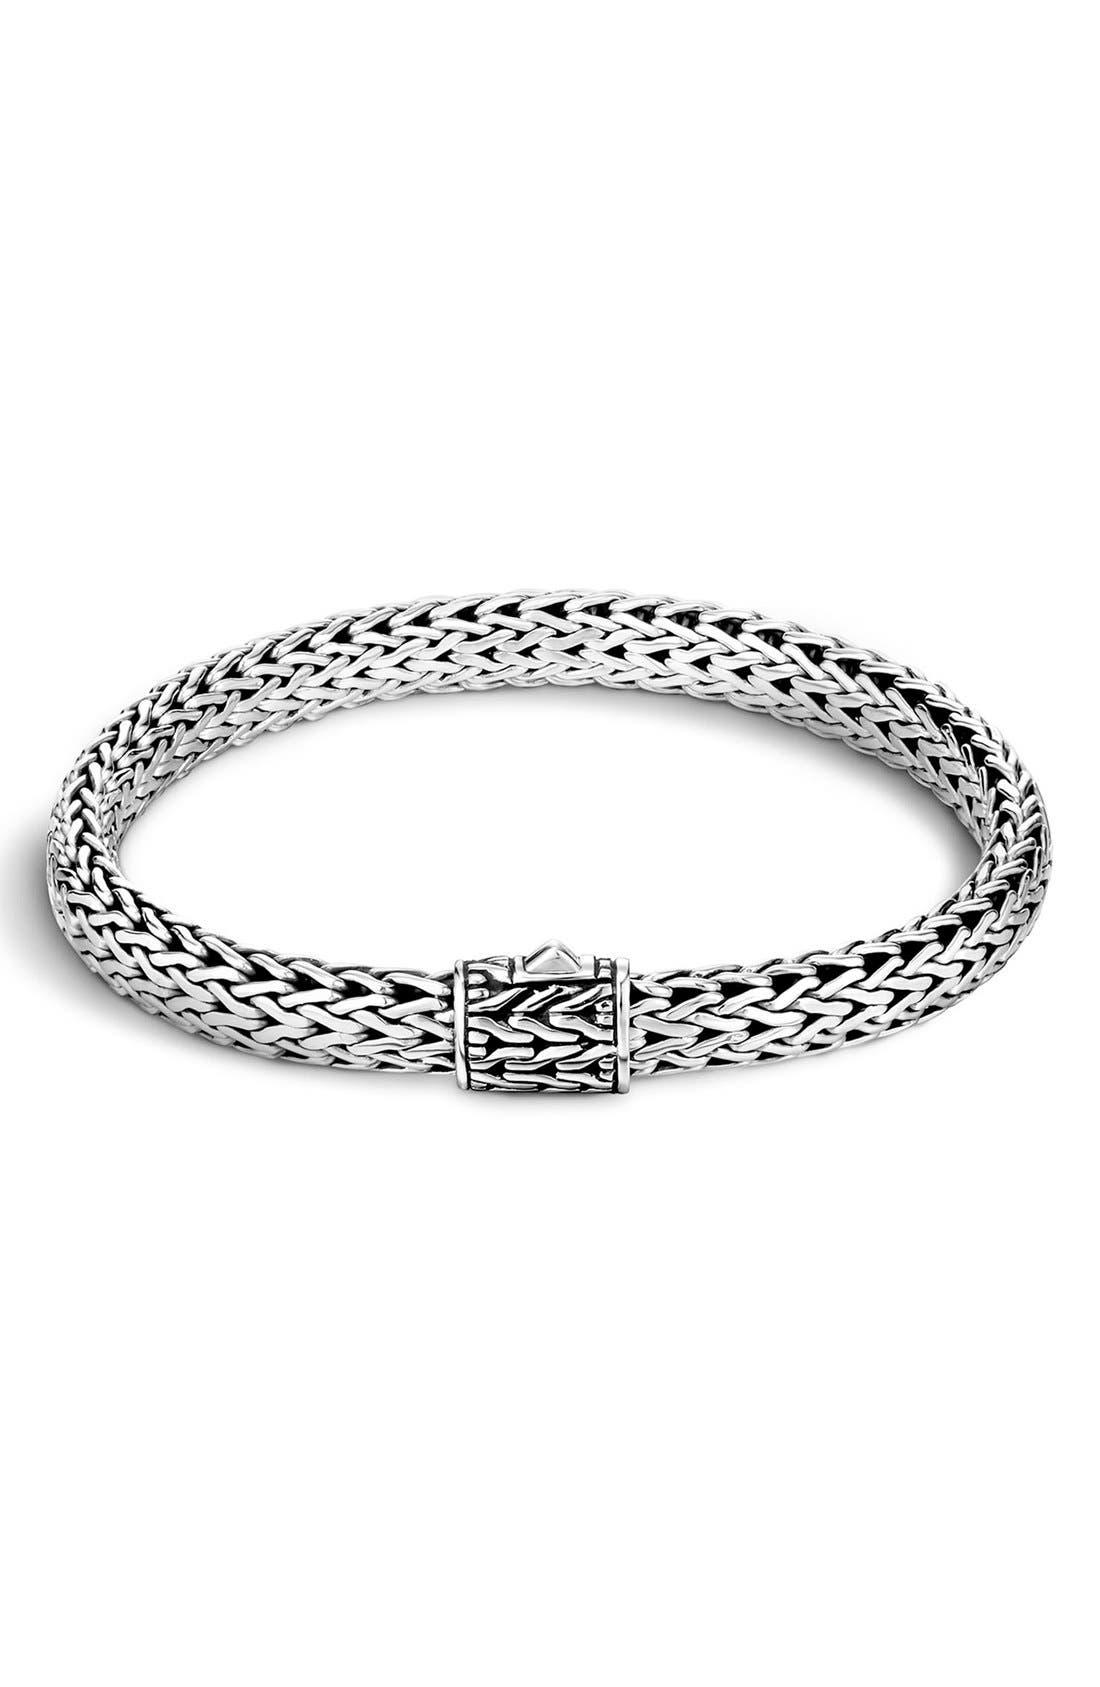 Classic Chain 6.5mm Bracelet,                             Main thumbnail 1, color,                             040